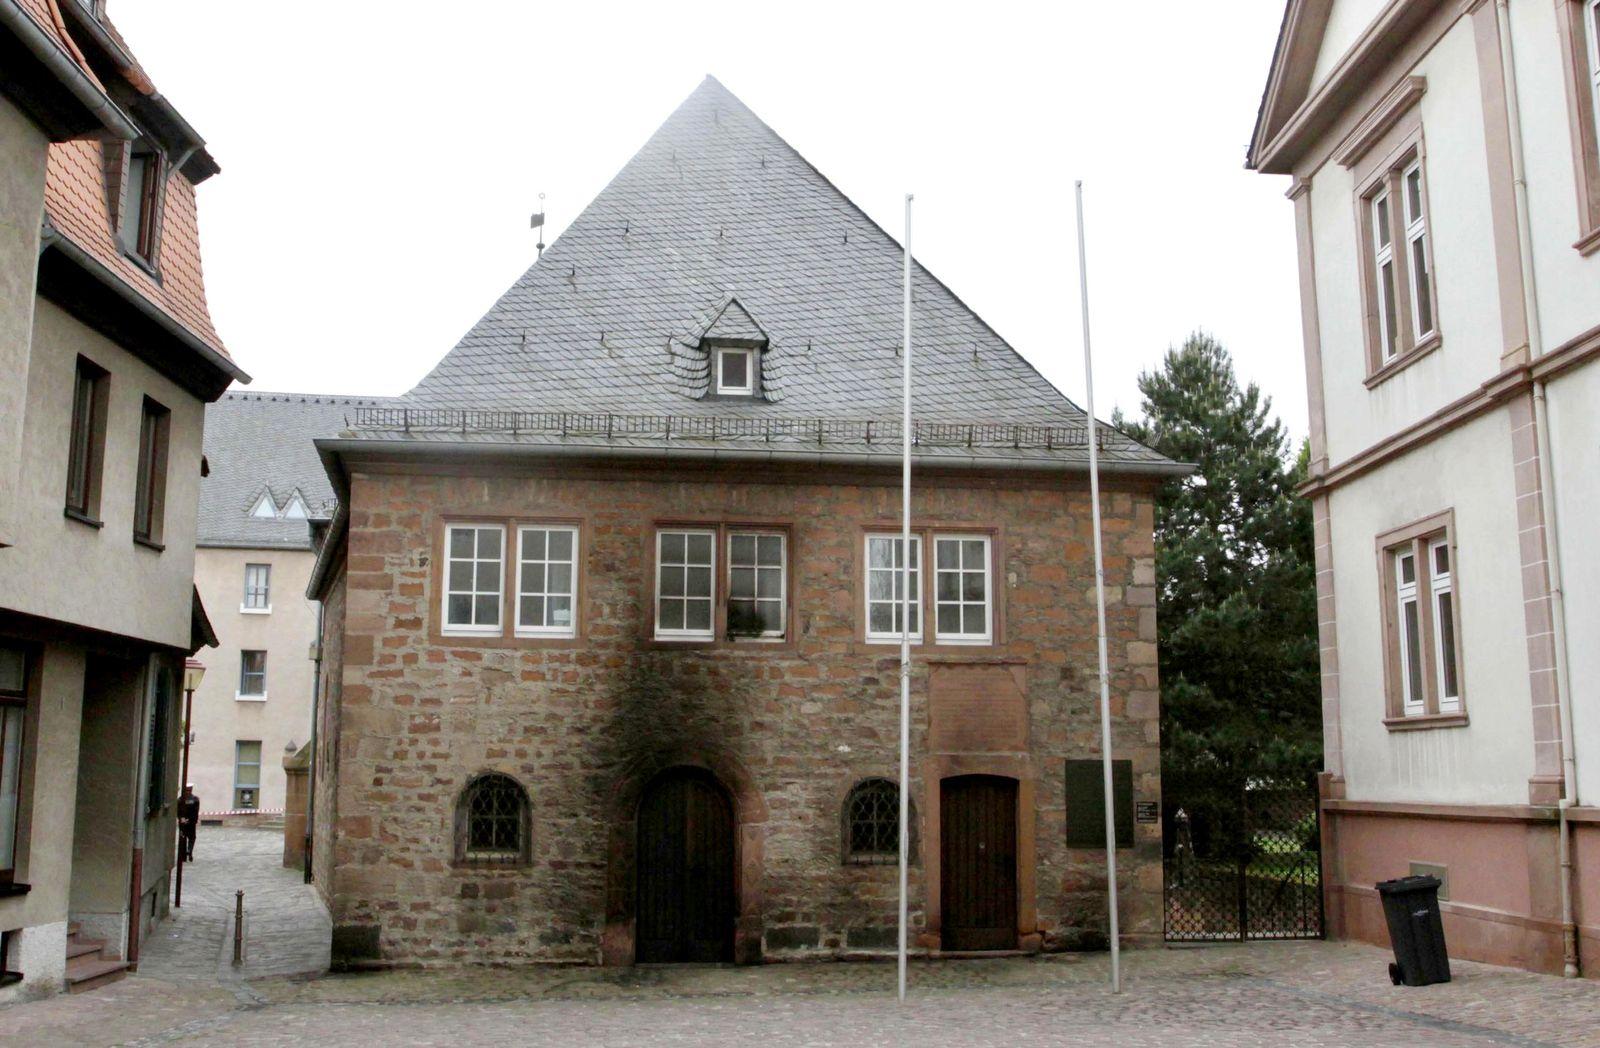 NICHT VERWENDEN Brandanschlag auf Wormser Synagoge veruebt